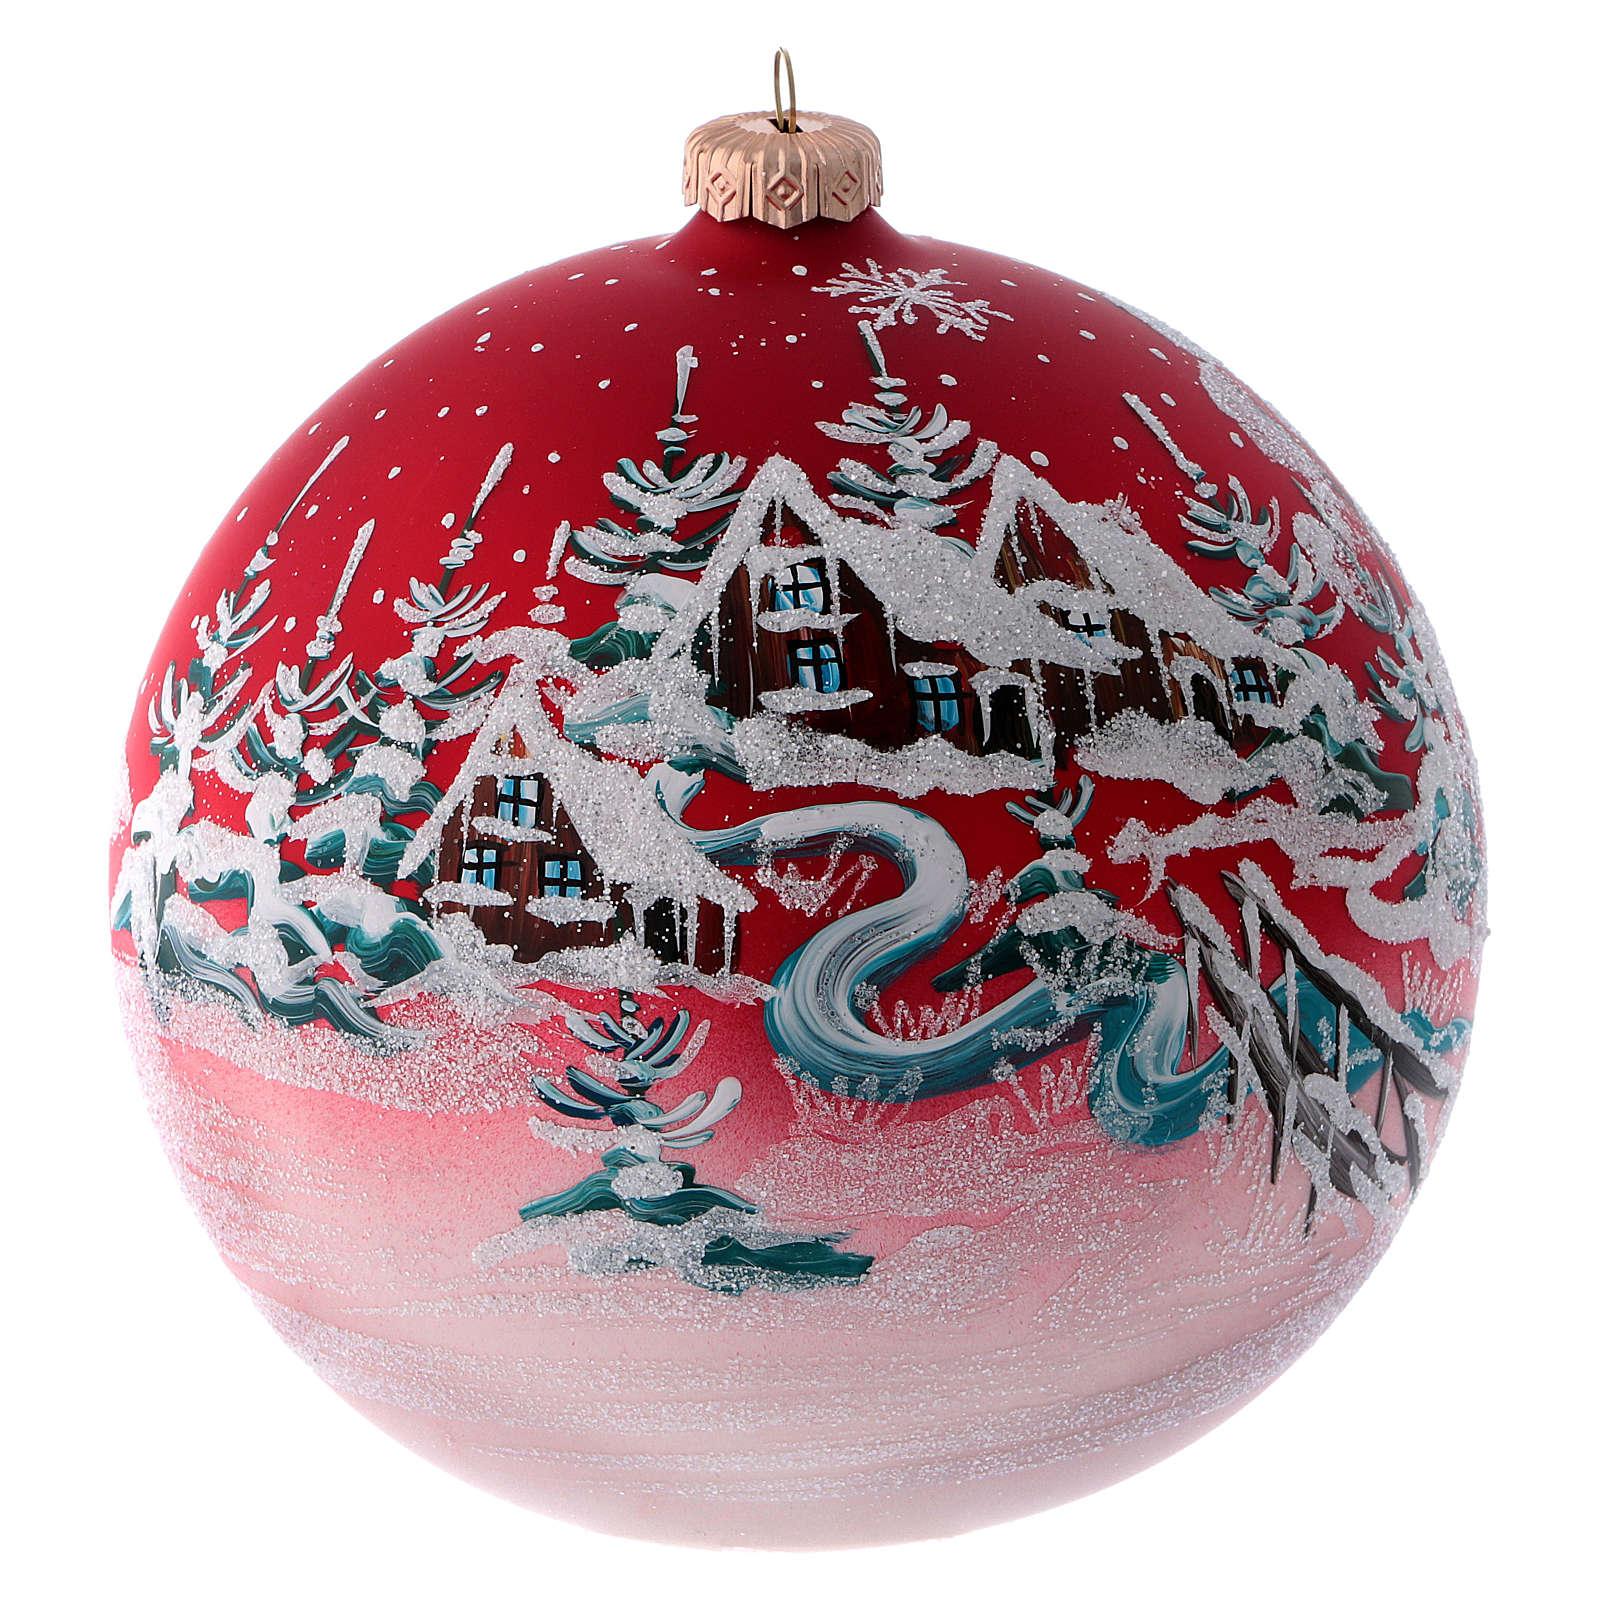 Bola para árvore Natal vidro vermelha paisagem natalino 150 mm 4